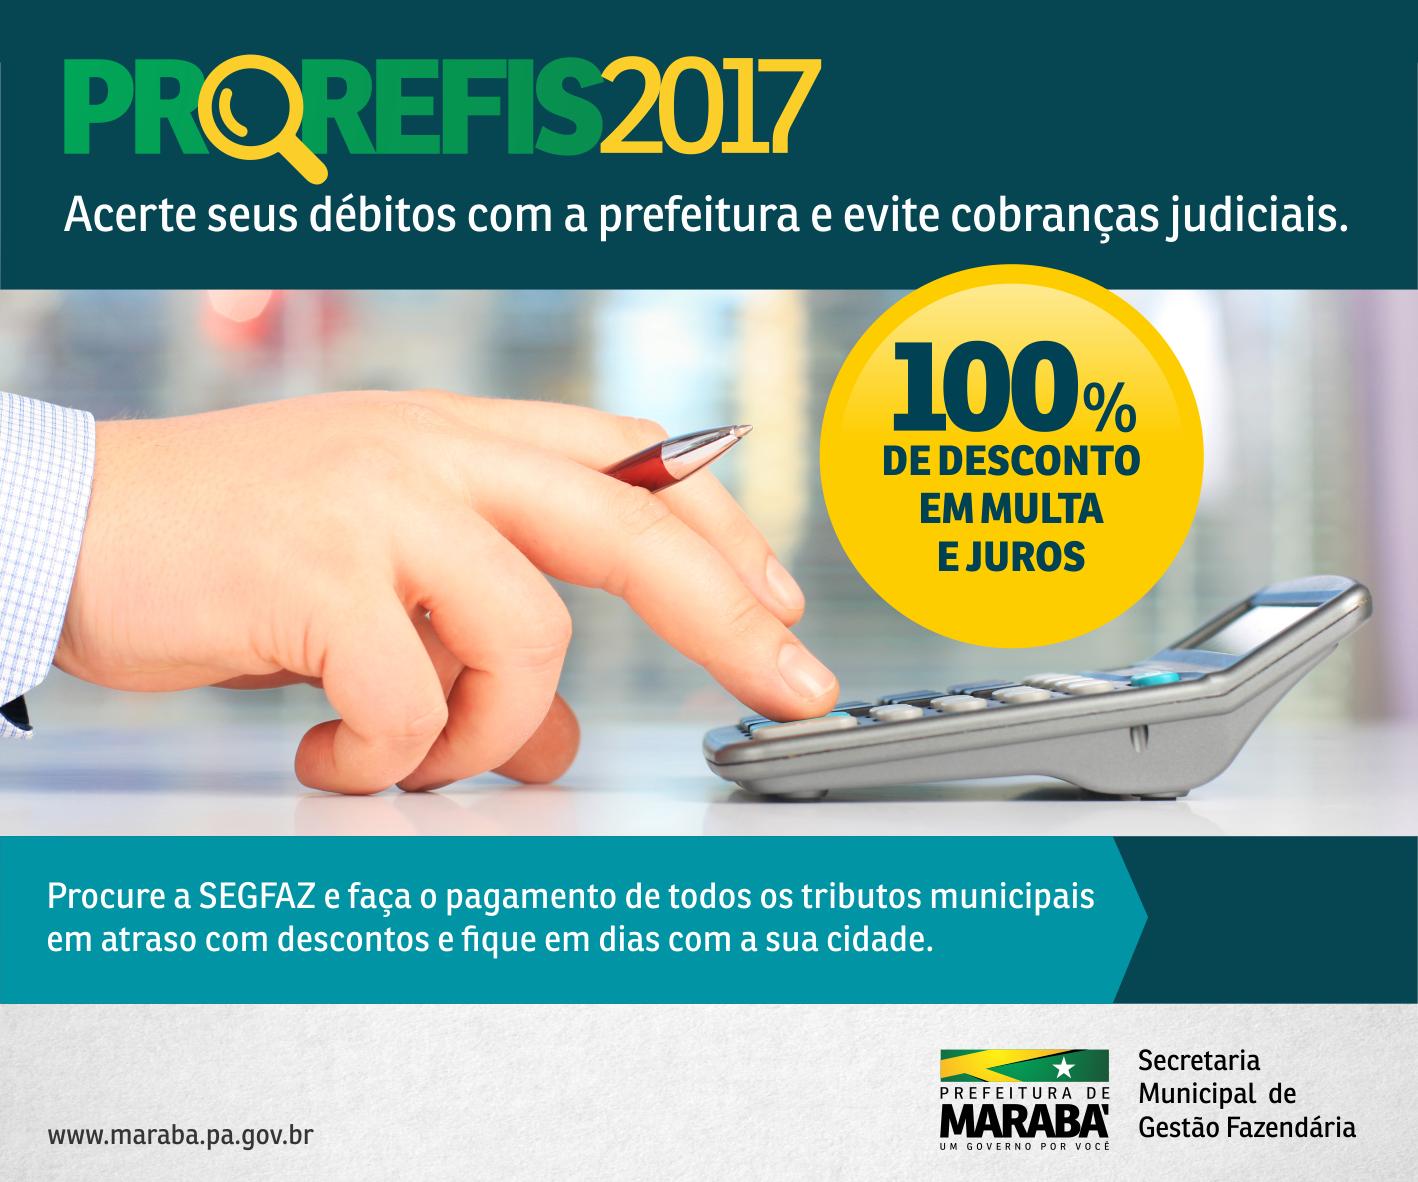 PREFEITURA LANÇA O PROREFIS 2017 COM ATÉ 100% DE DESCONTO.